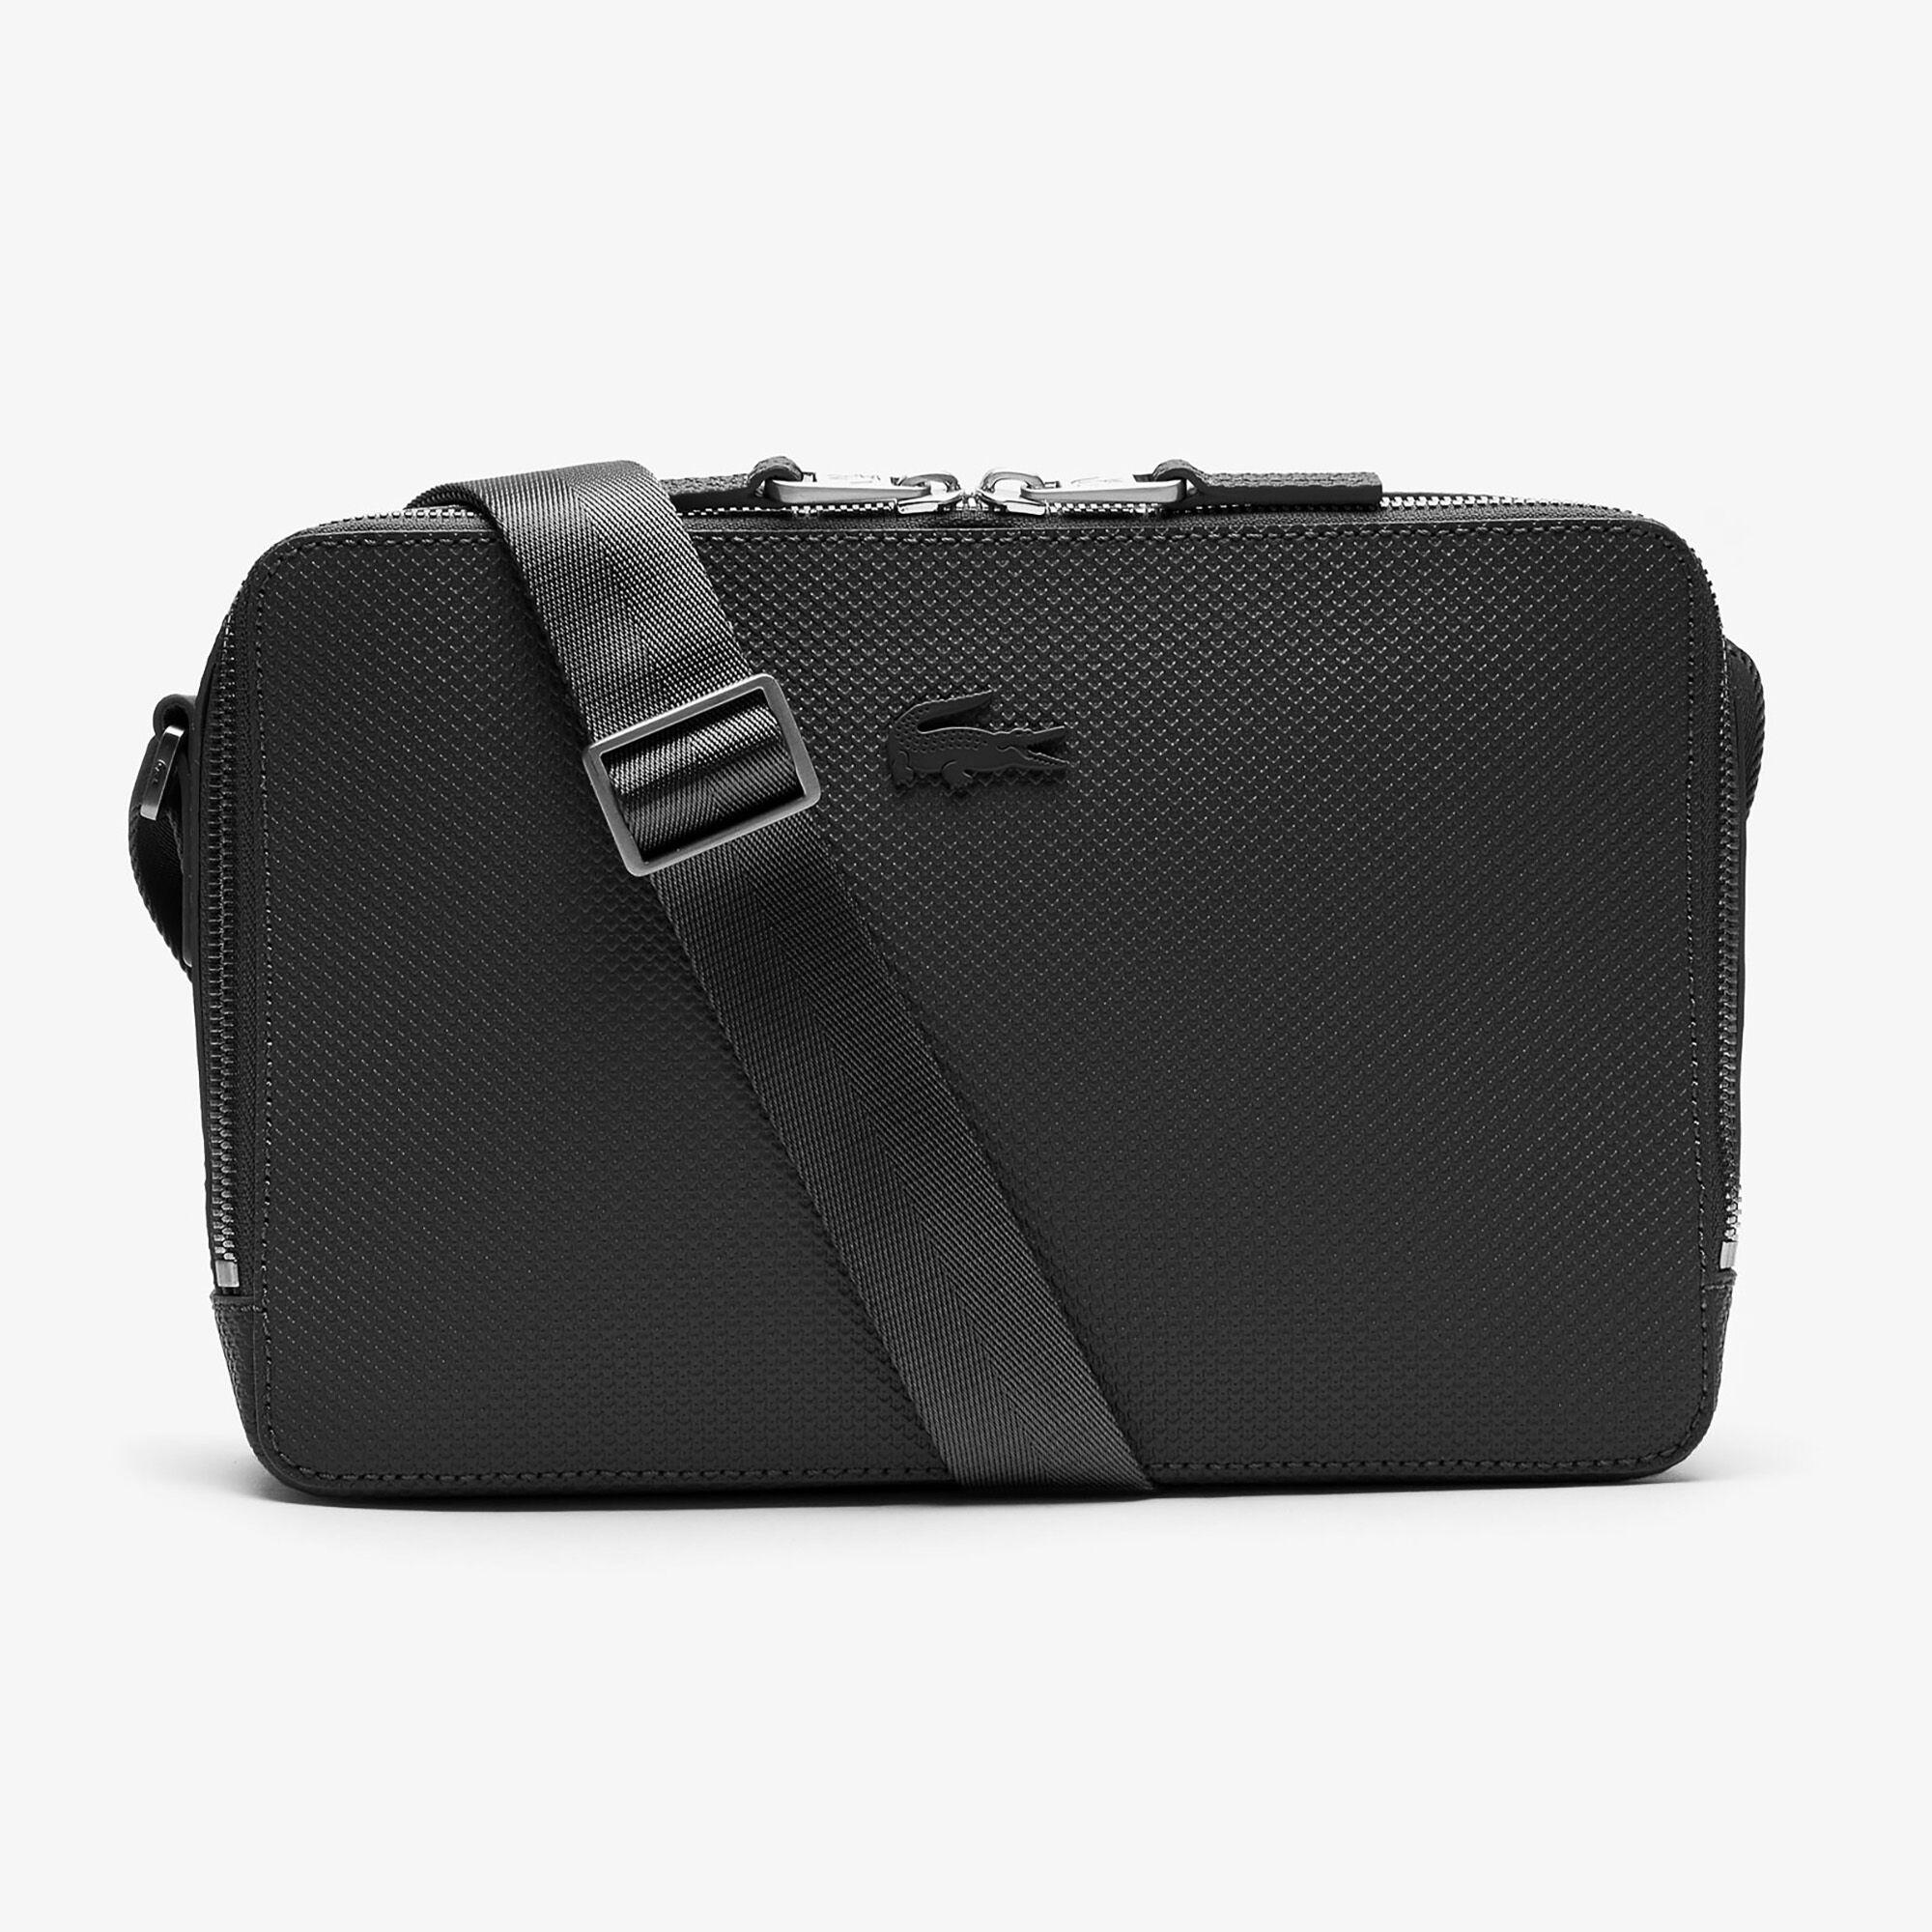 حقيبة كروس بسحاب من الجلد المخيط غير اللامع مجموعة Chantaco للرجال